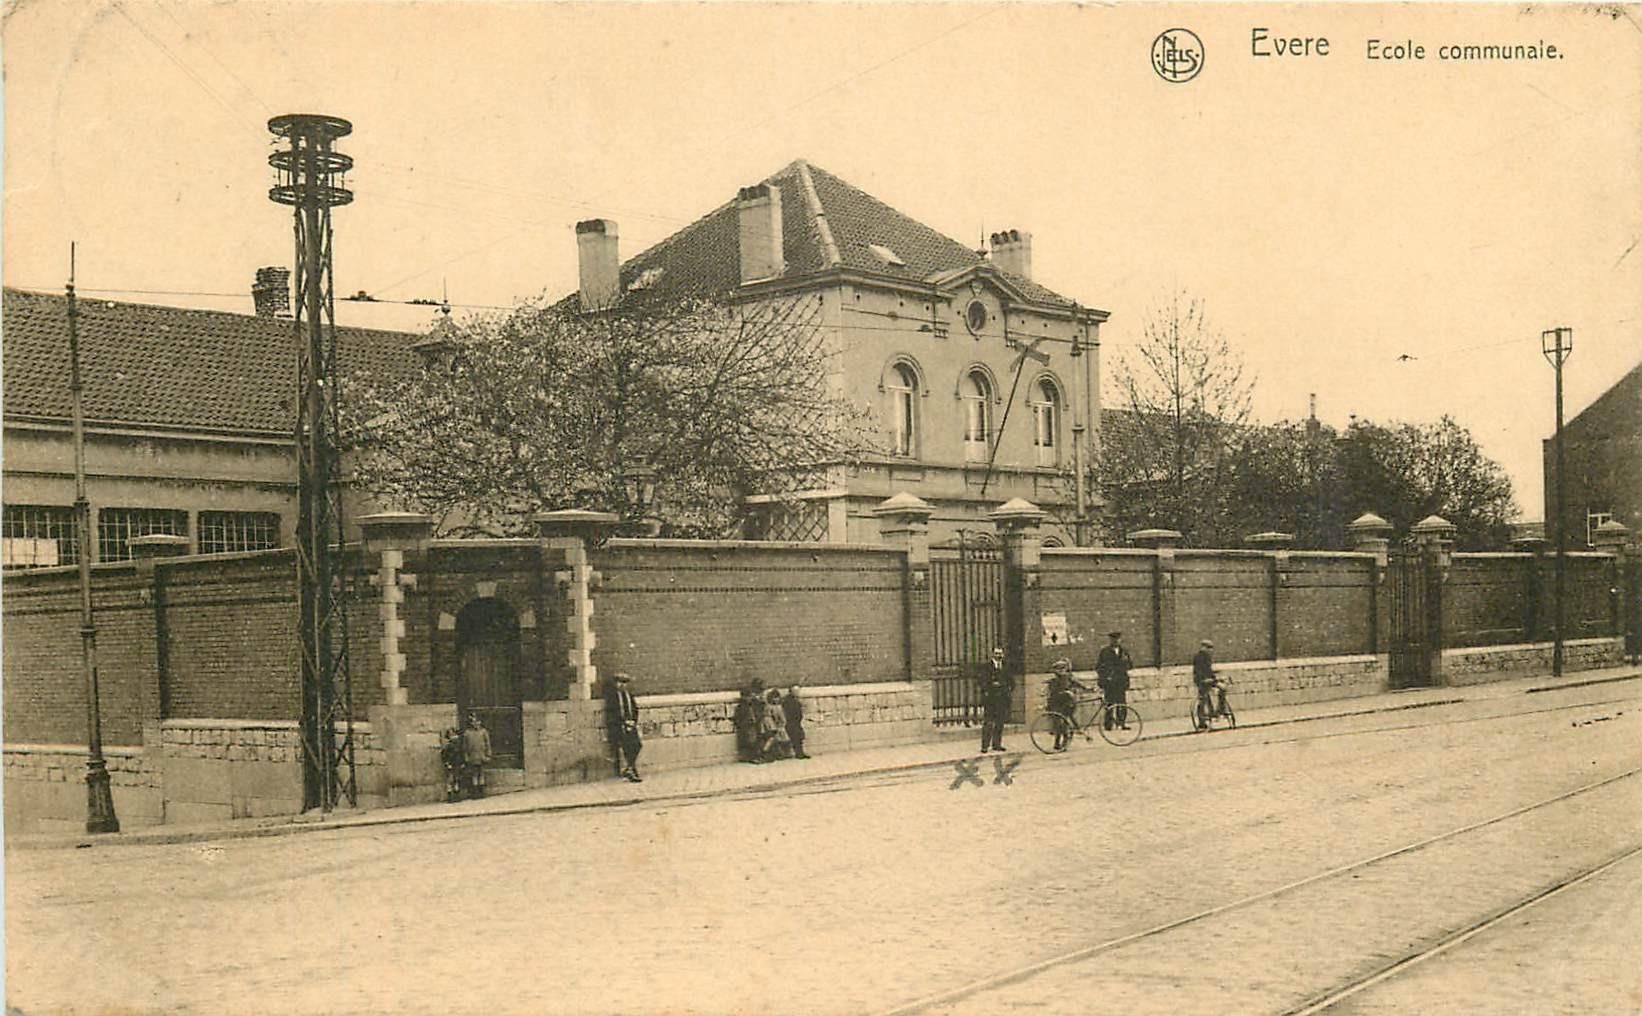 WW EVERE. Ecole Communale en Belgique 1929